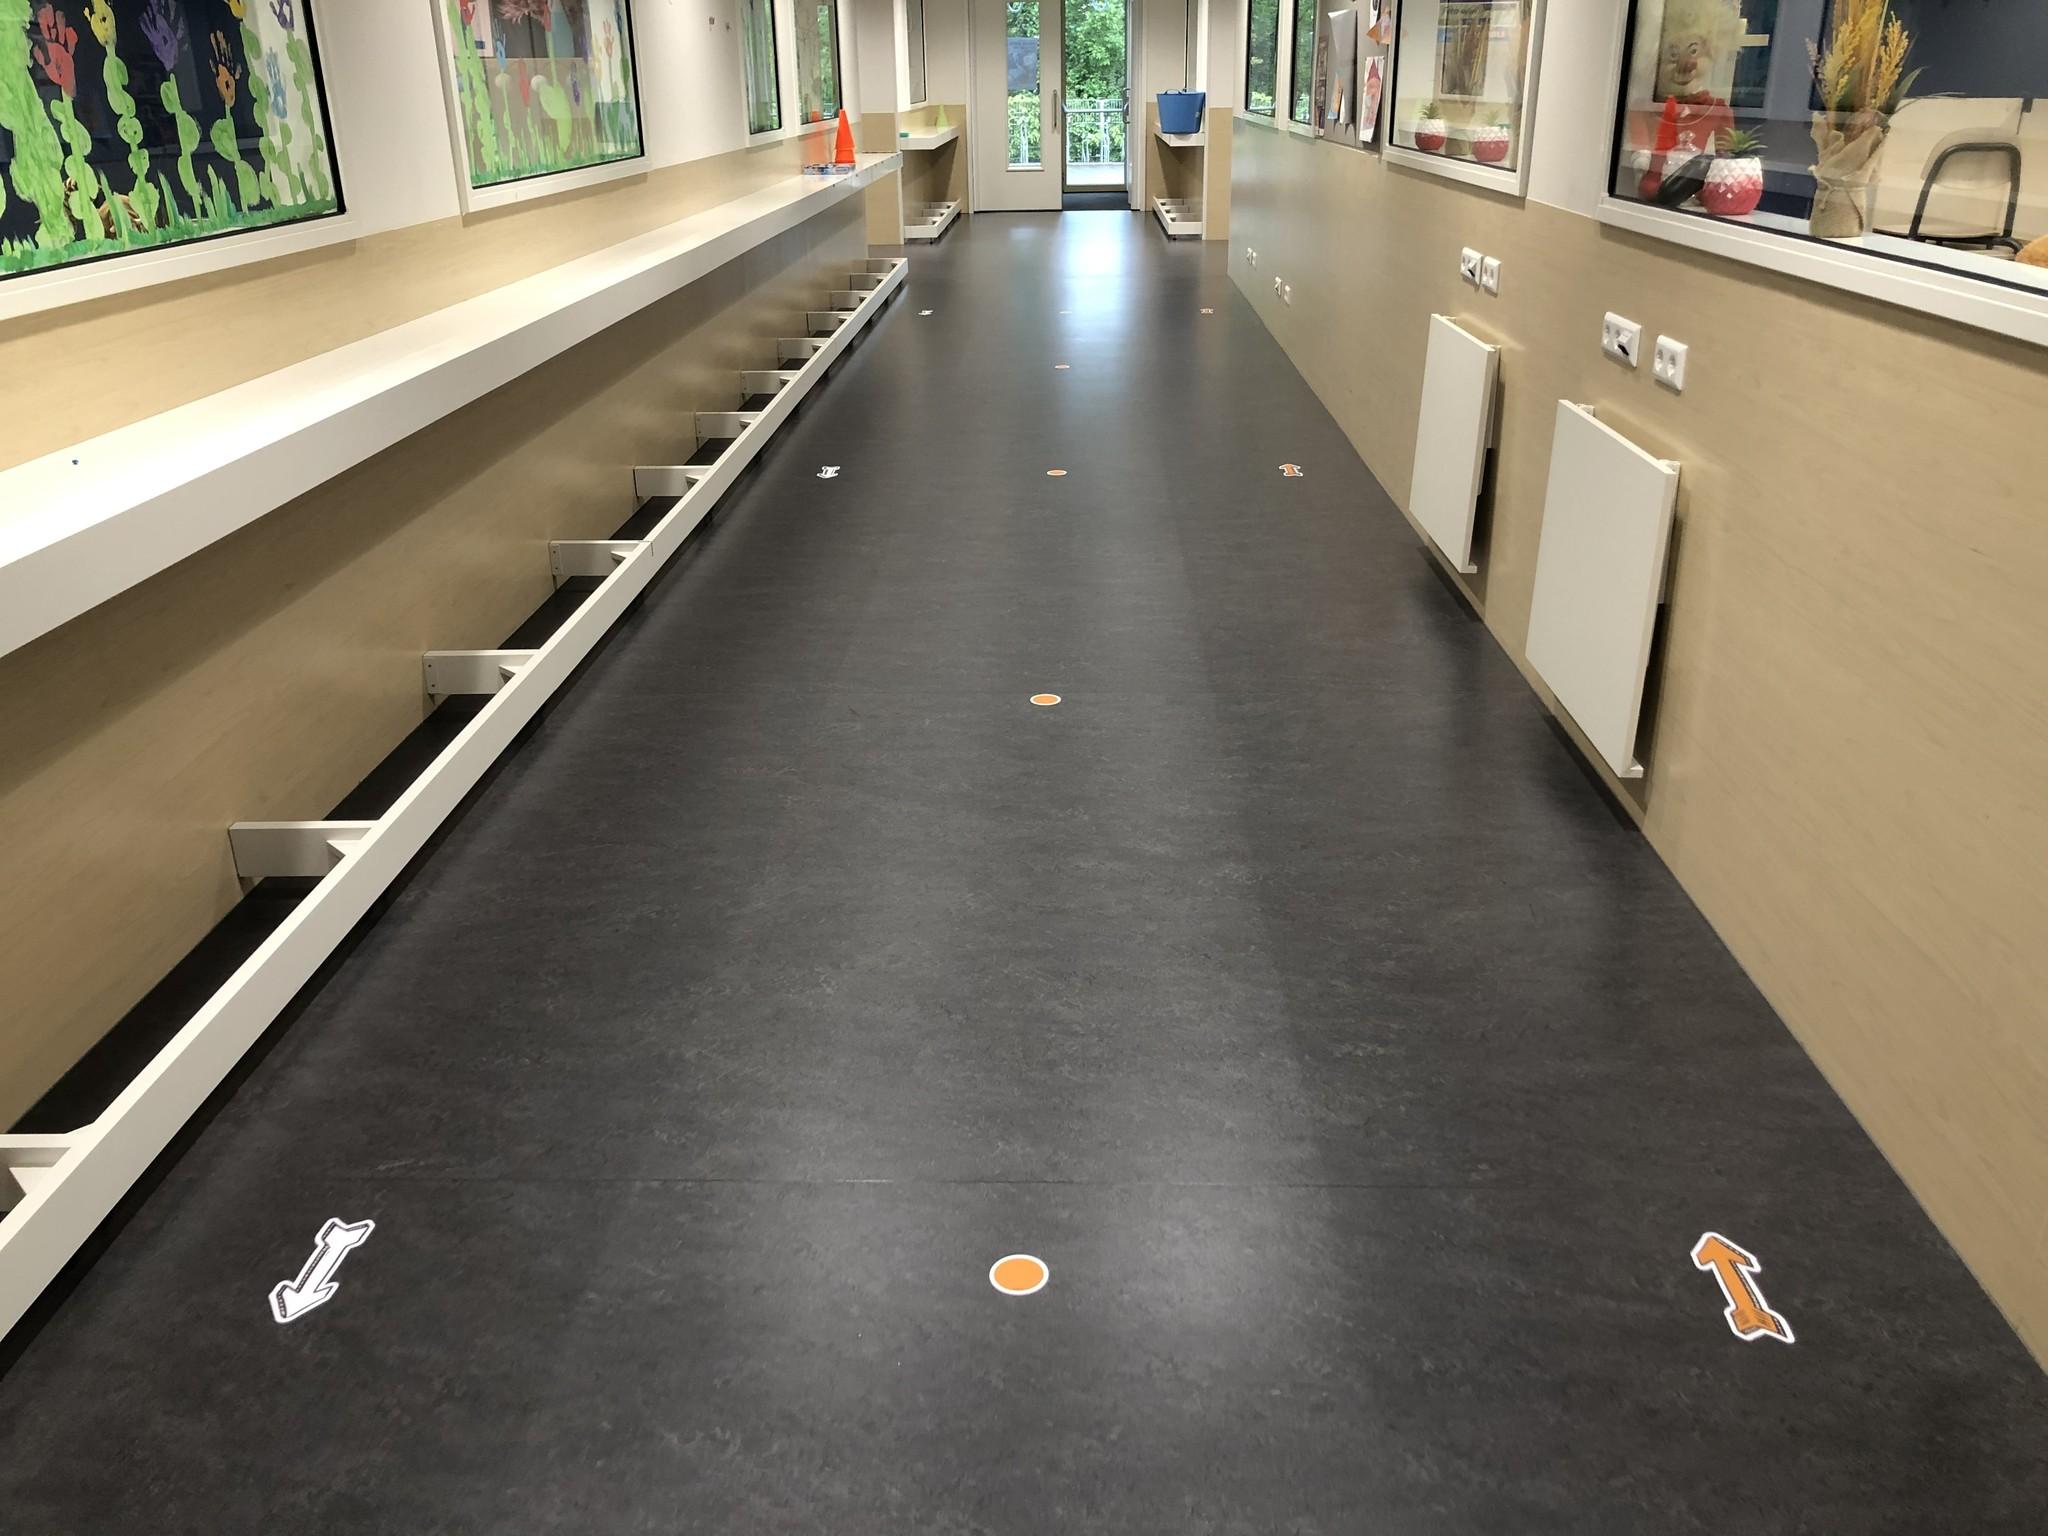 Encamine las calcomanías de piso dentro del conjunto escolar / infantil